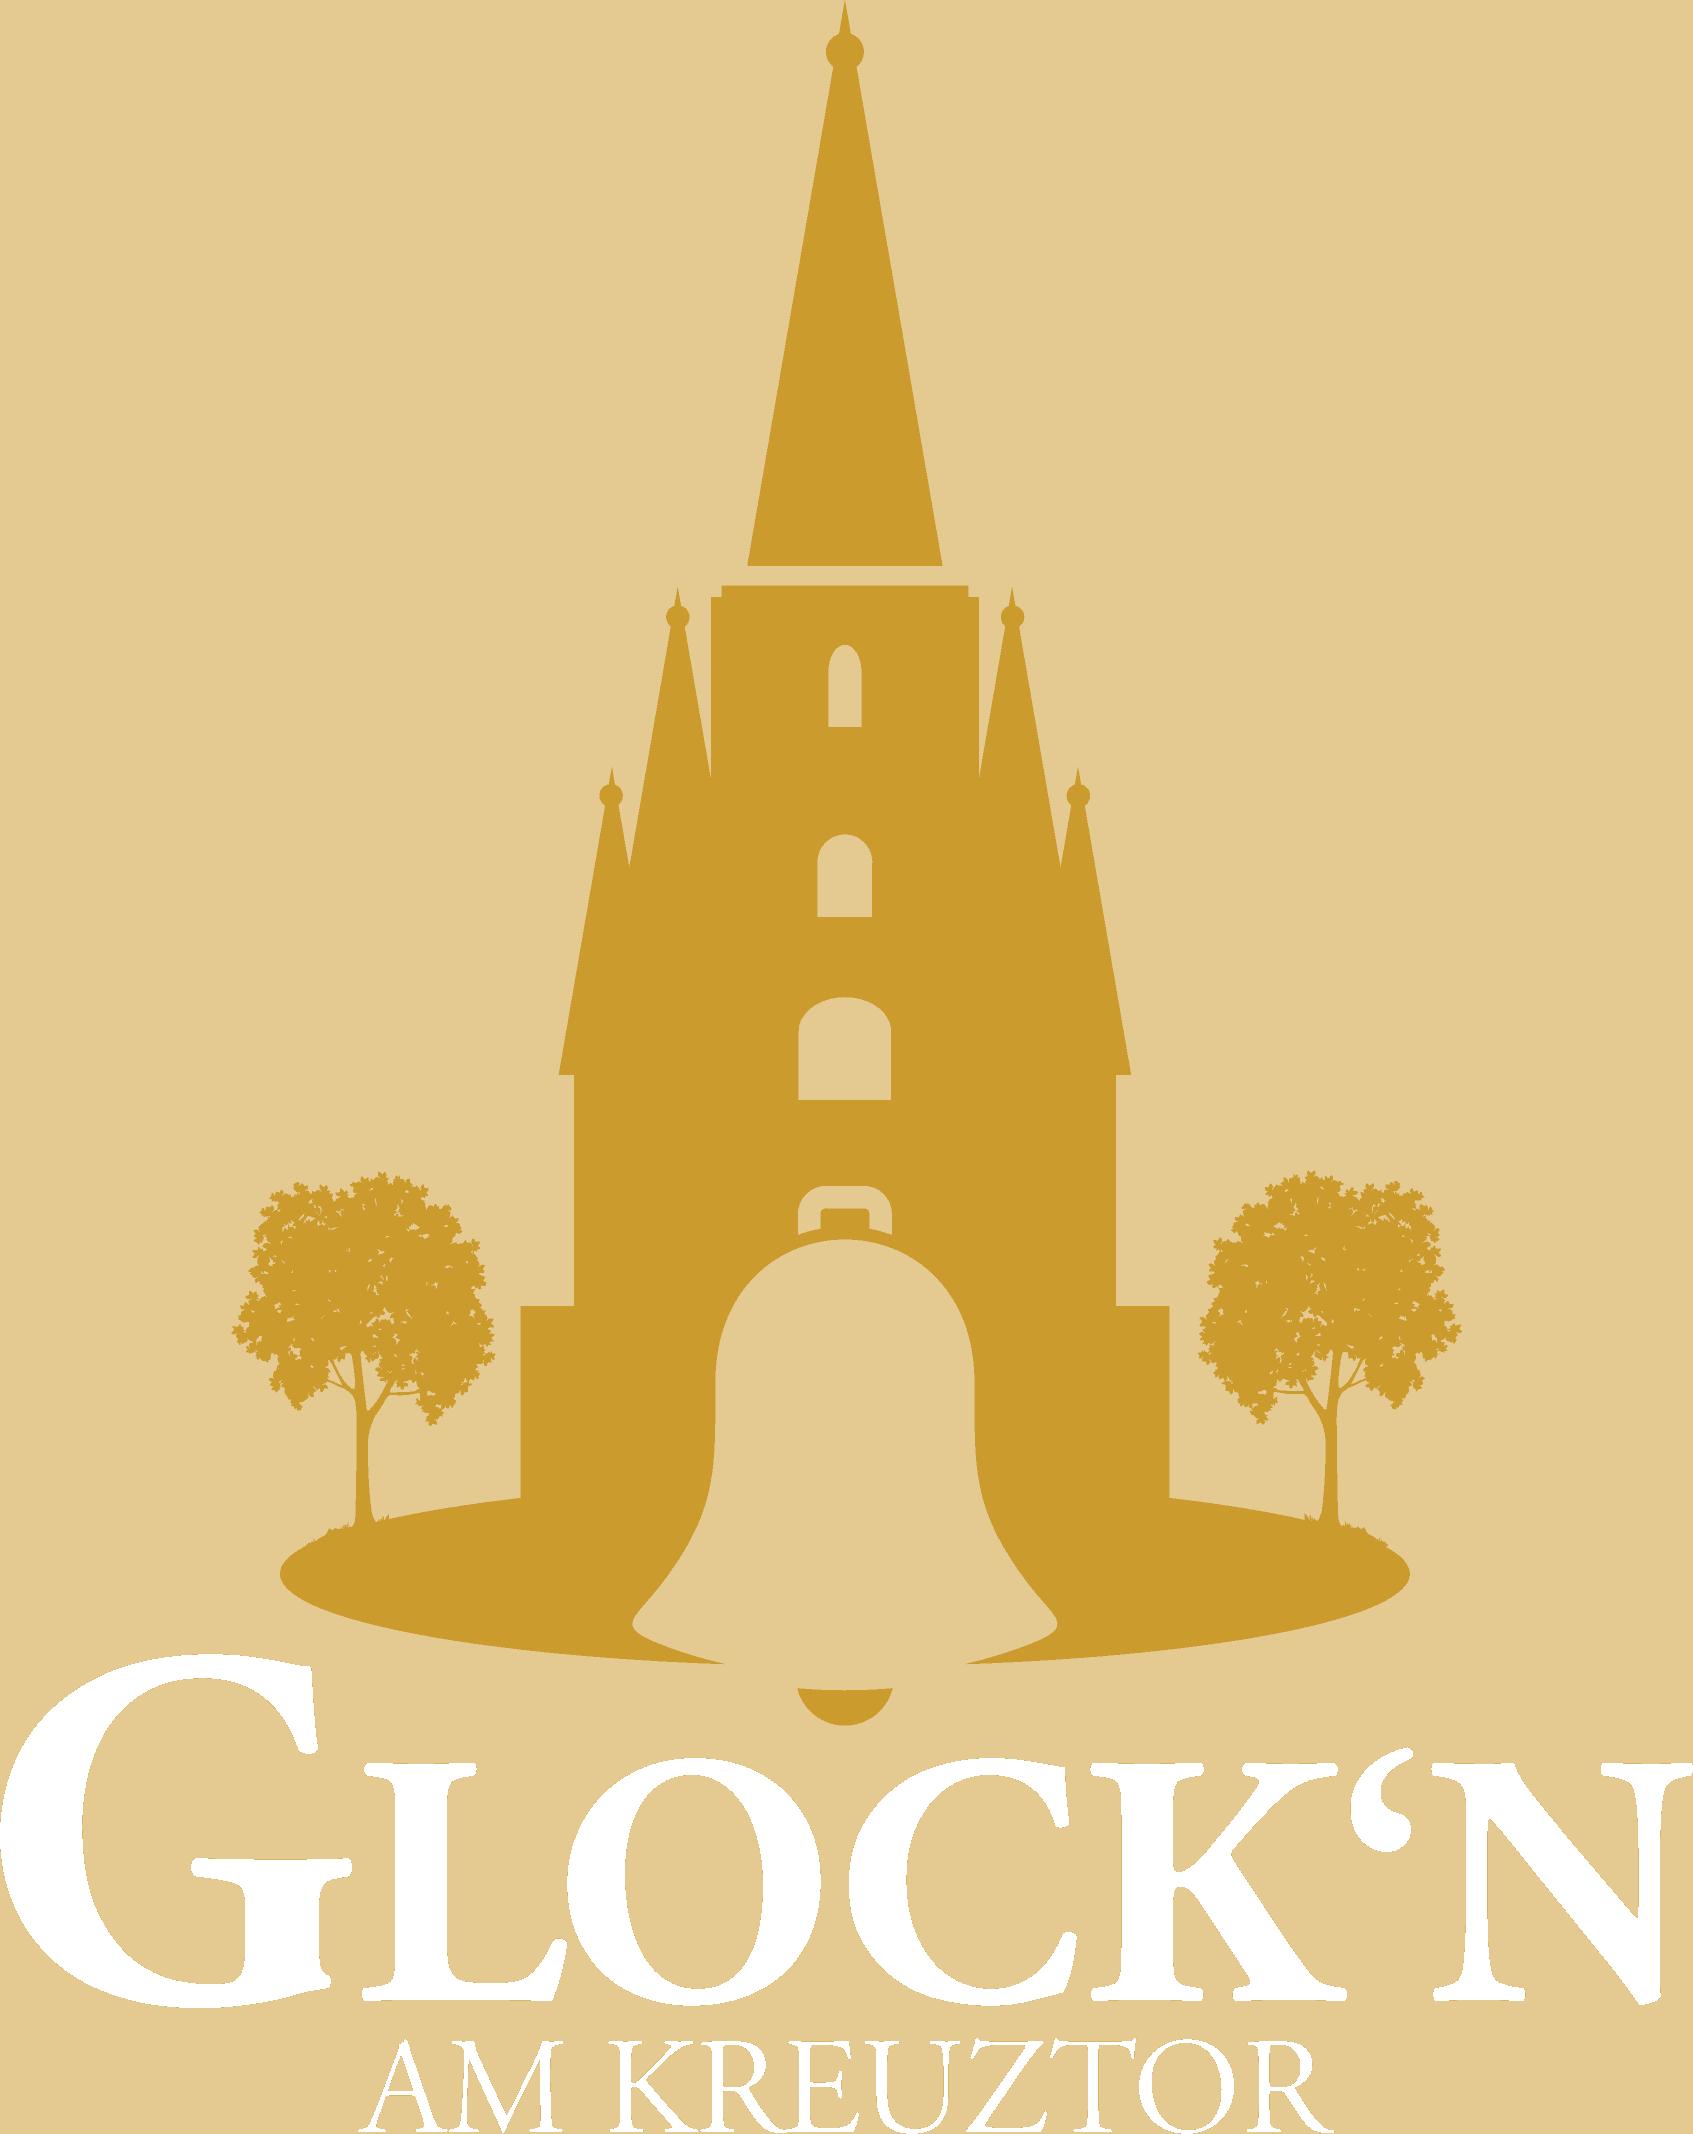 Glock'n am Kreuztor – Biergarten Ingolstadt